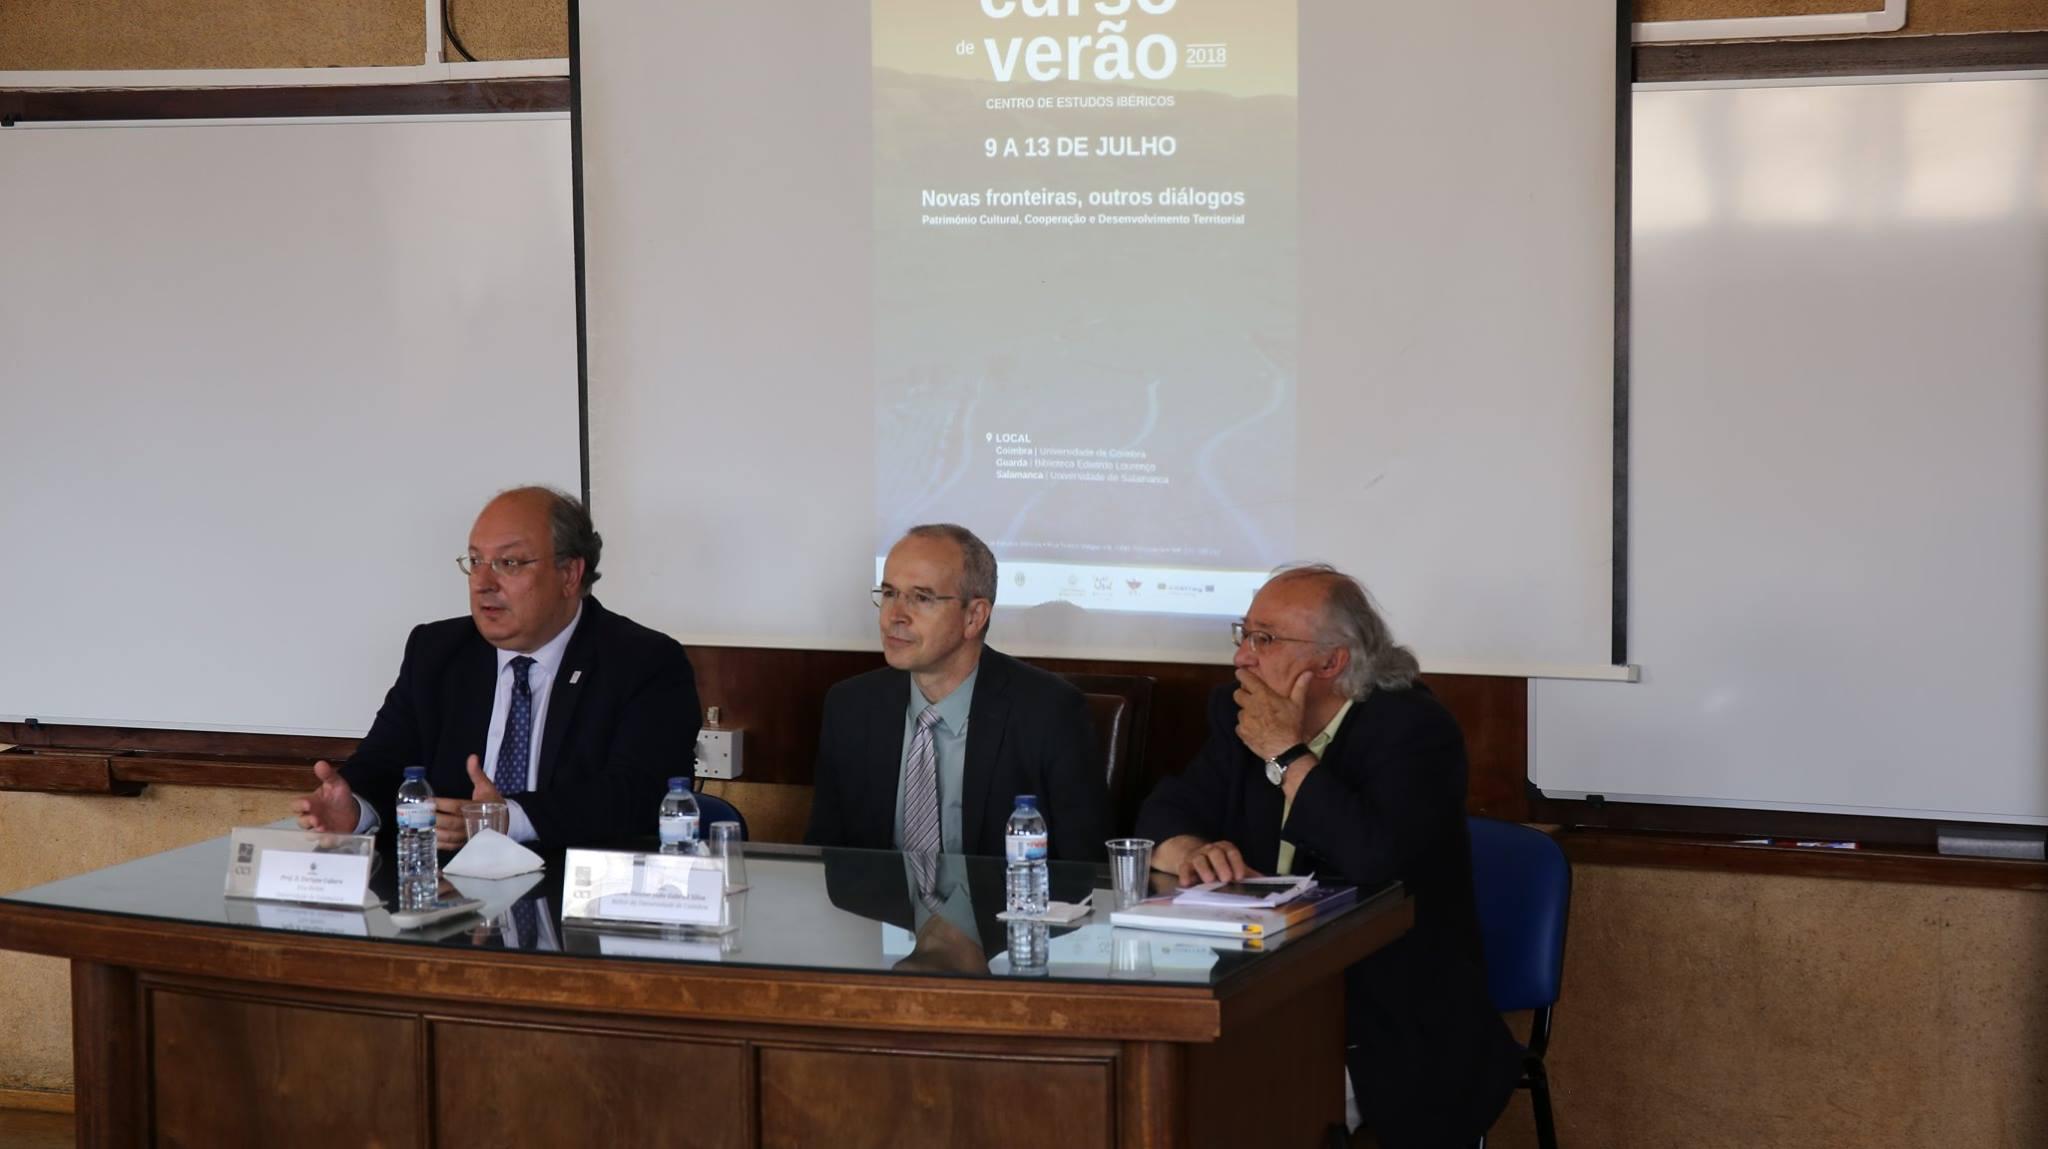 El Centro de Estudios Ibéricos de la Universidad de Salamanca organiza un curso de verano transfronterizo sobre patrimonio cultural y desarrollo territorial